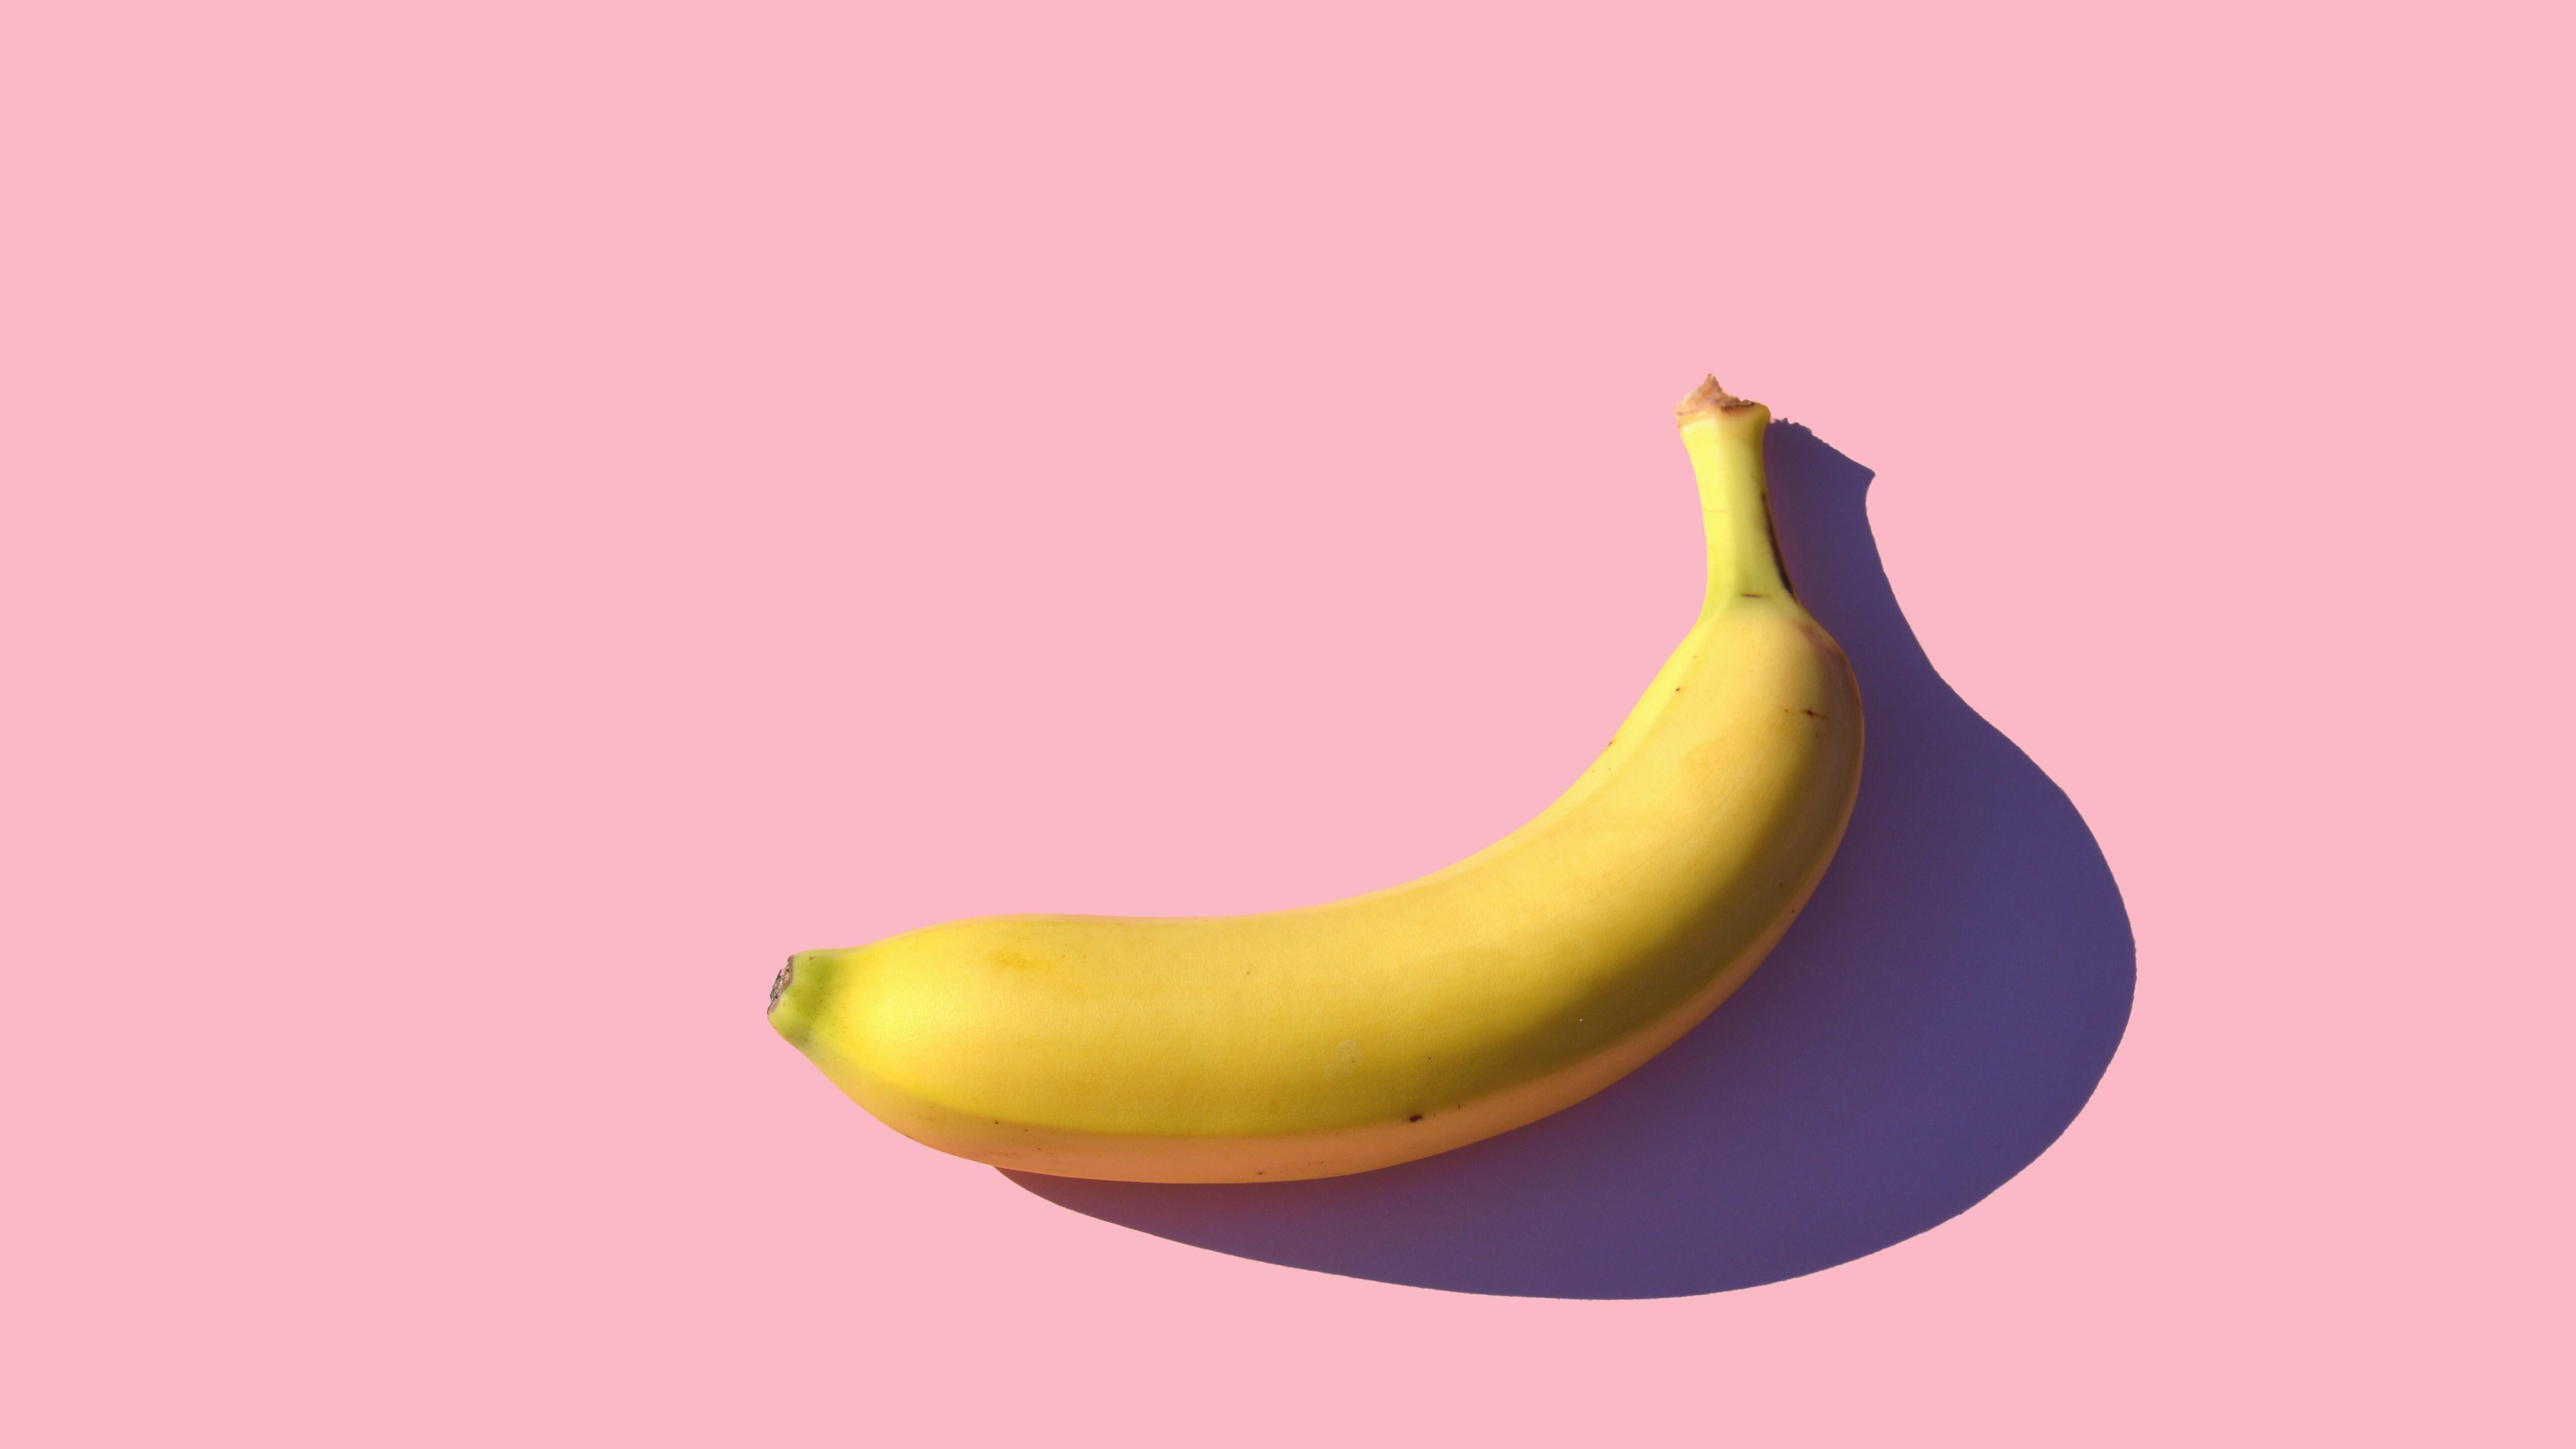 Banana Fruit Background Wallpaper